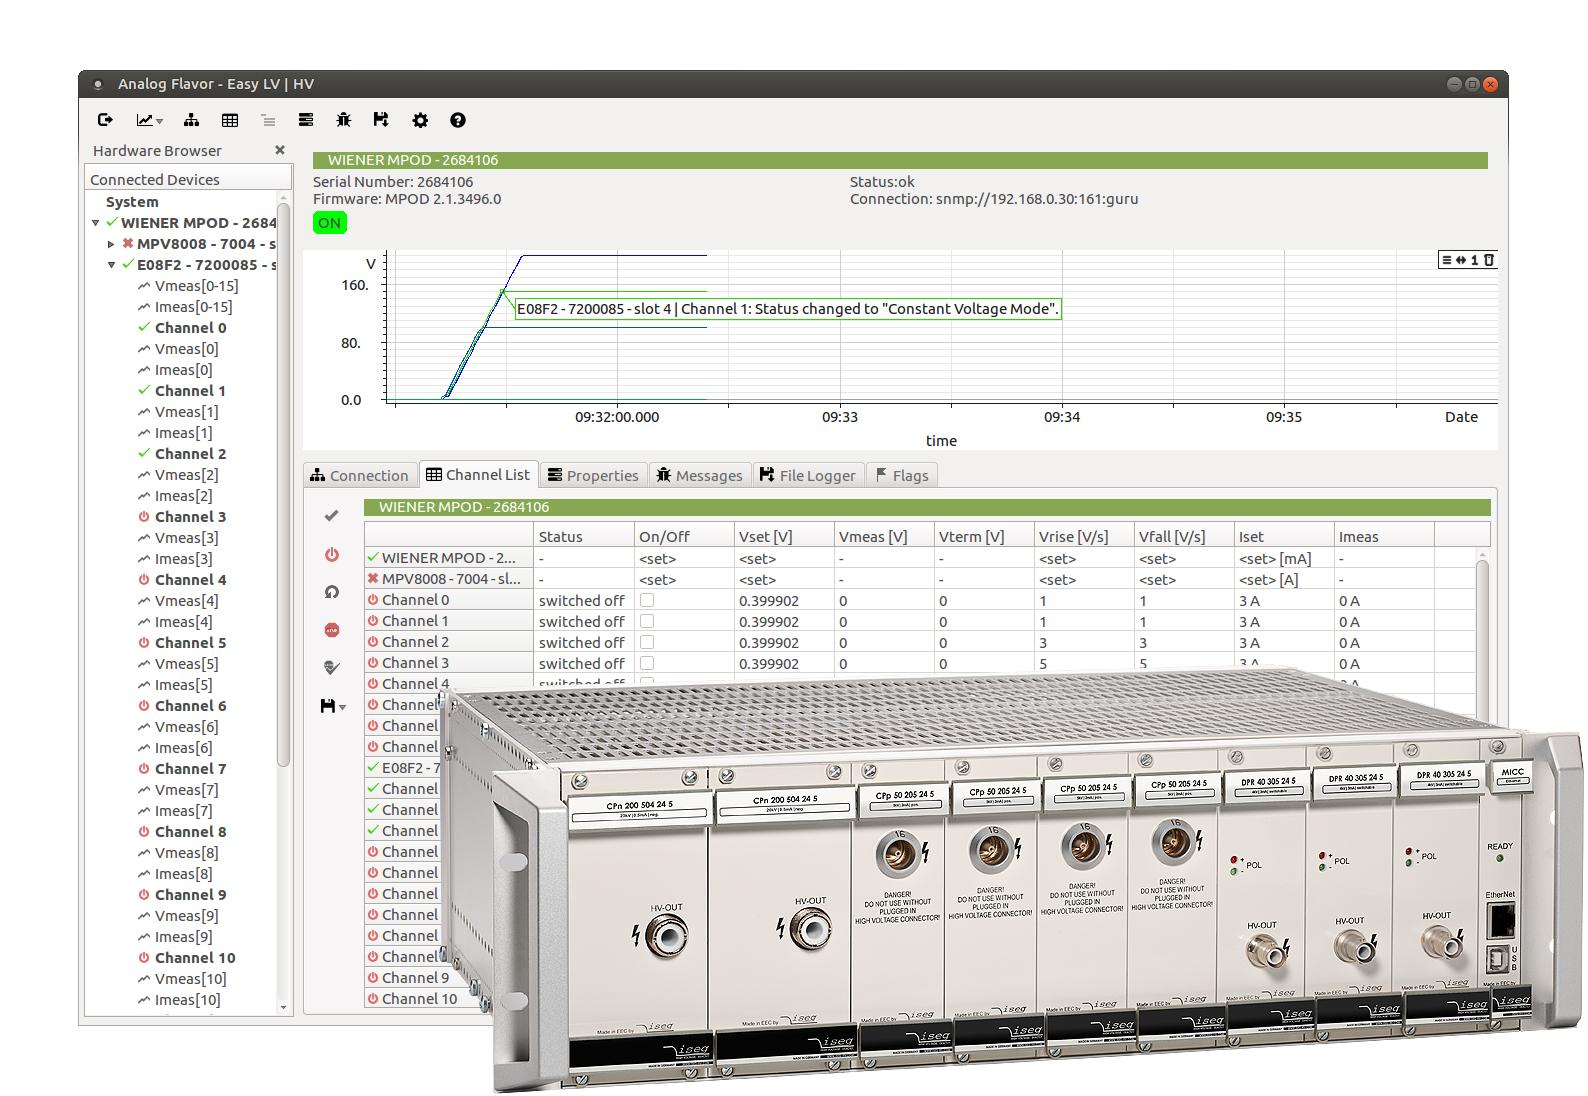 Controleur haute tension MICC pour chassis haute tension ECH ISEG et le software Easy LV HV